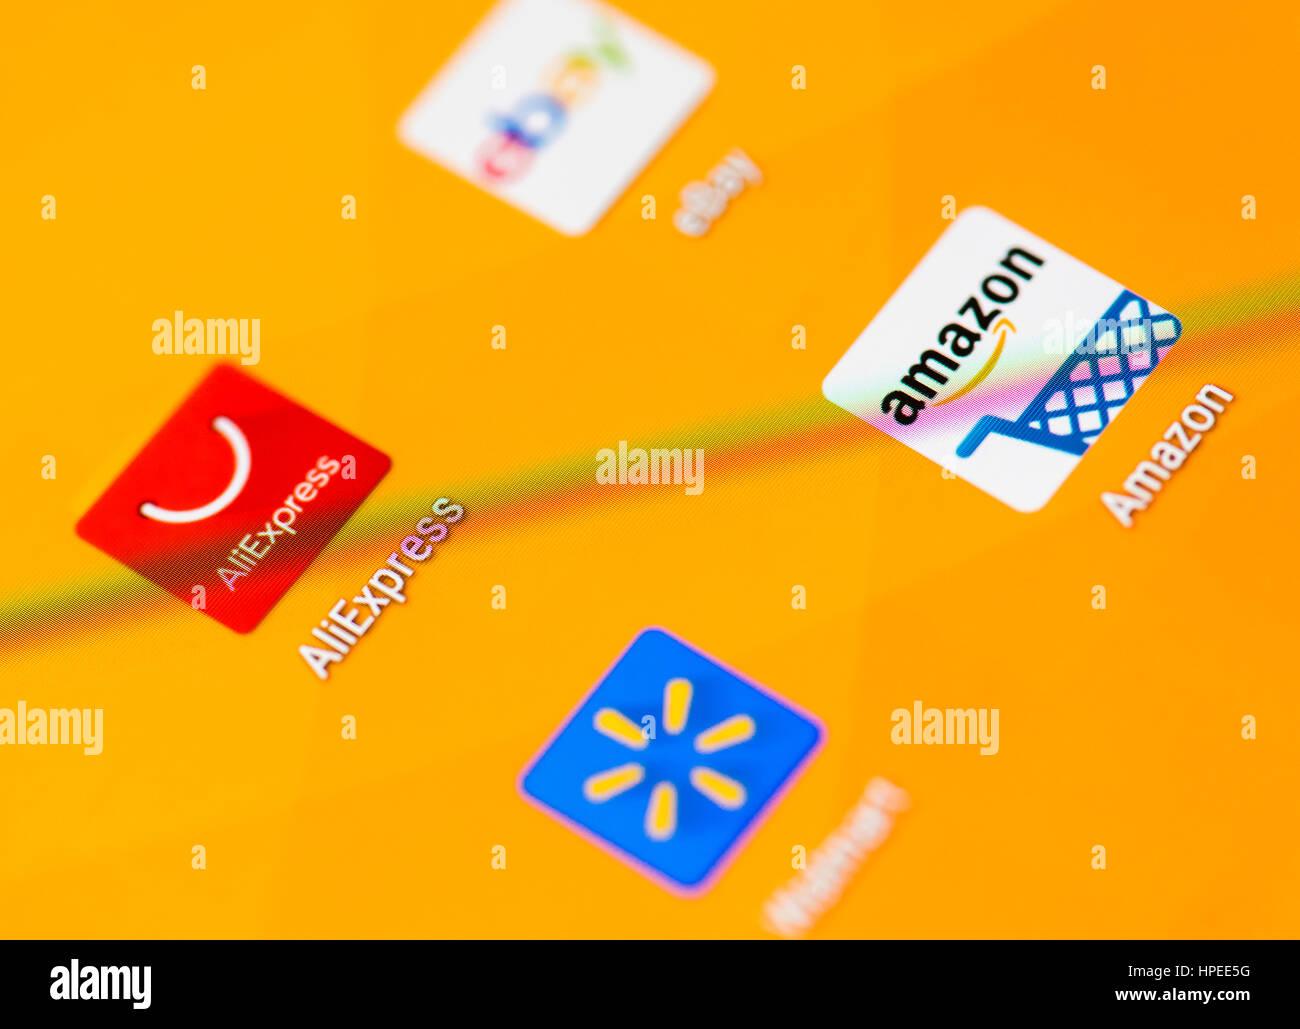 Aliexpress Stock Photos Aliexpress Stock Images Alamy